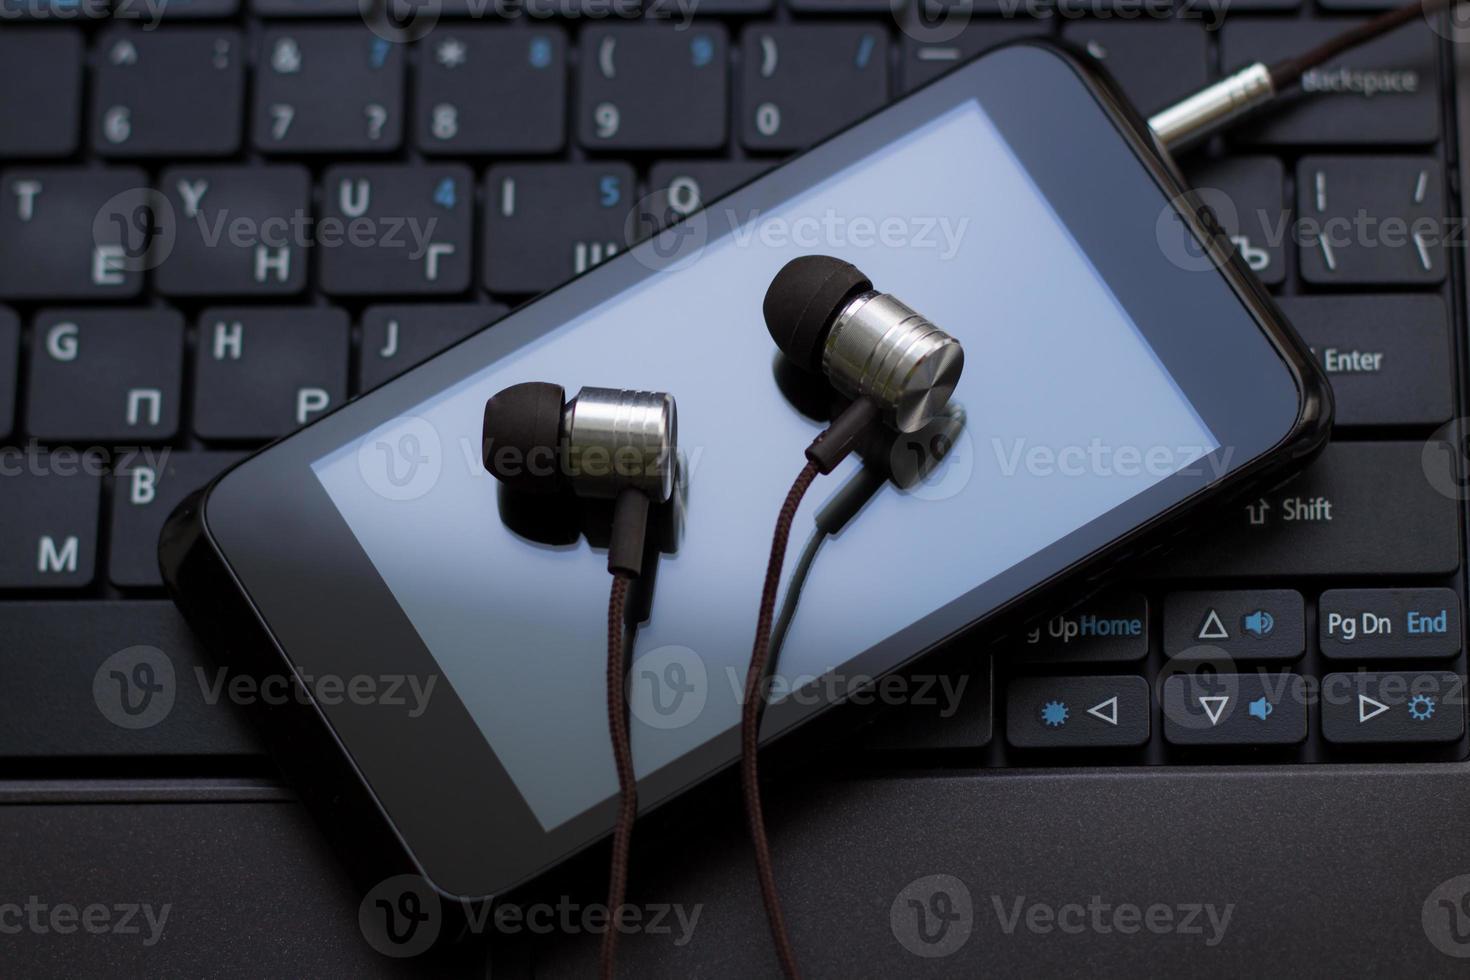 fones de ouvido e telefone celular no teclado. foto